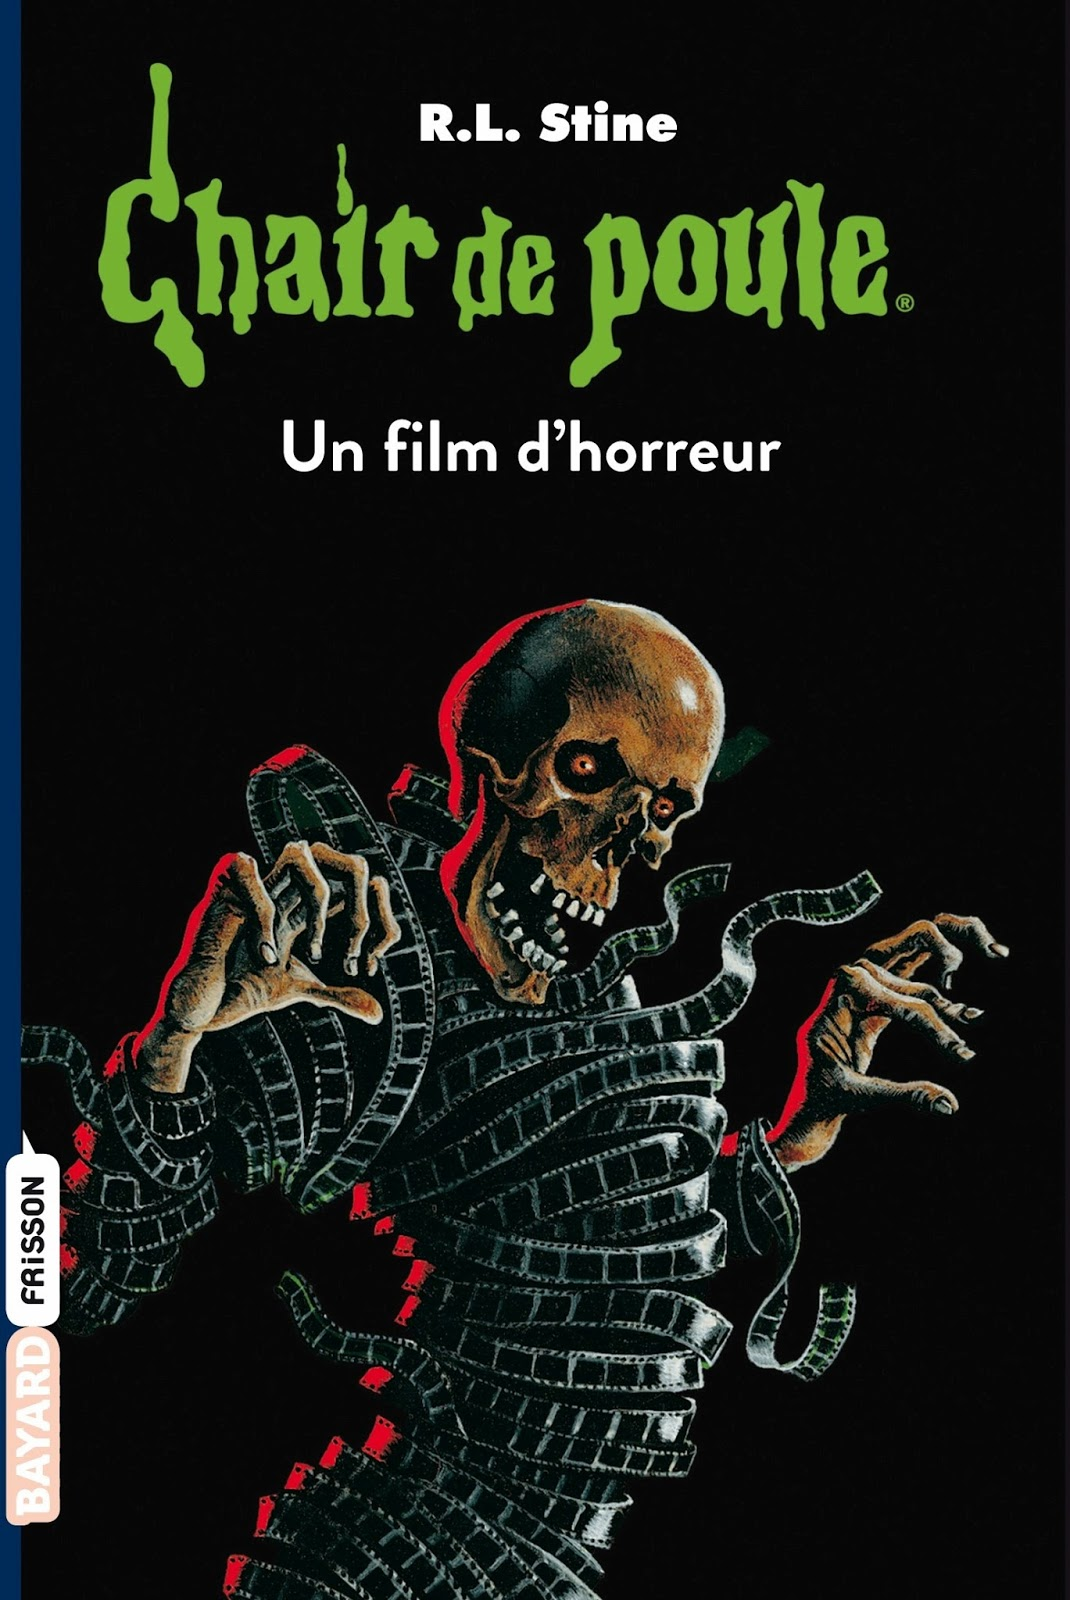 Chair de poule 52 un film d 39 horreur - Personnage film horreur ...